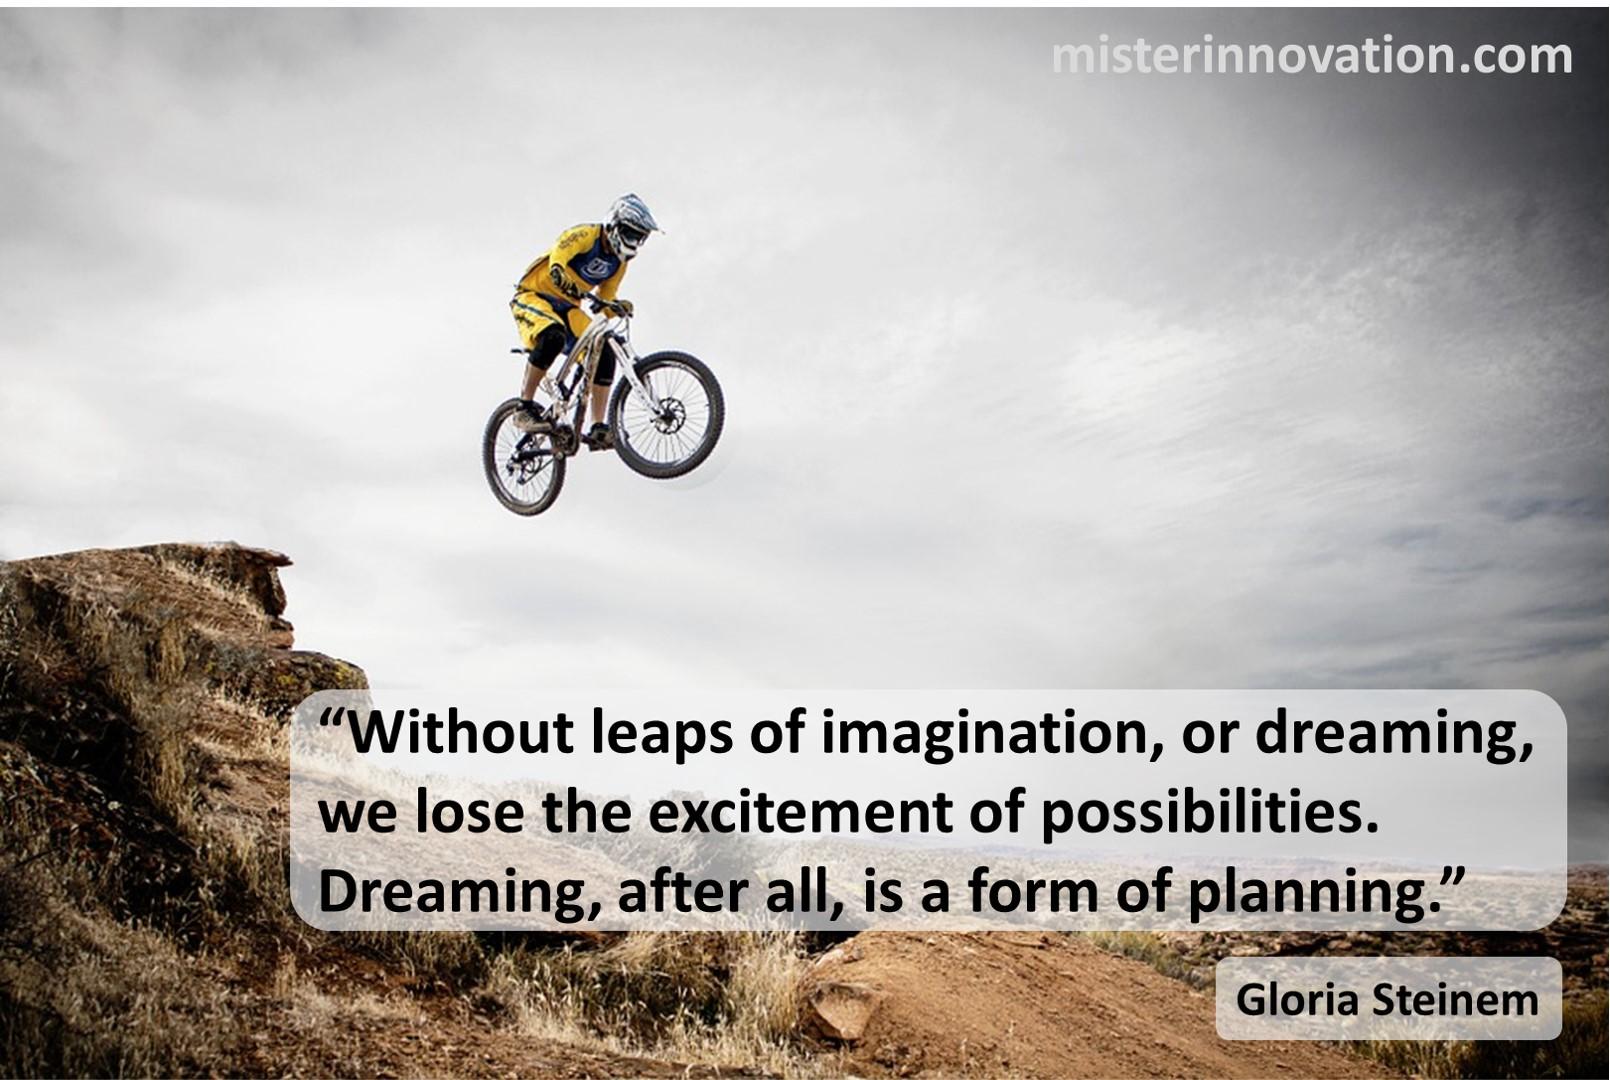 Gloria Steinem Leaps of Imagination